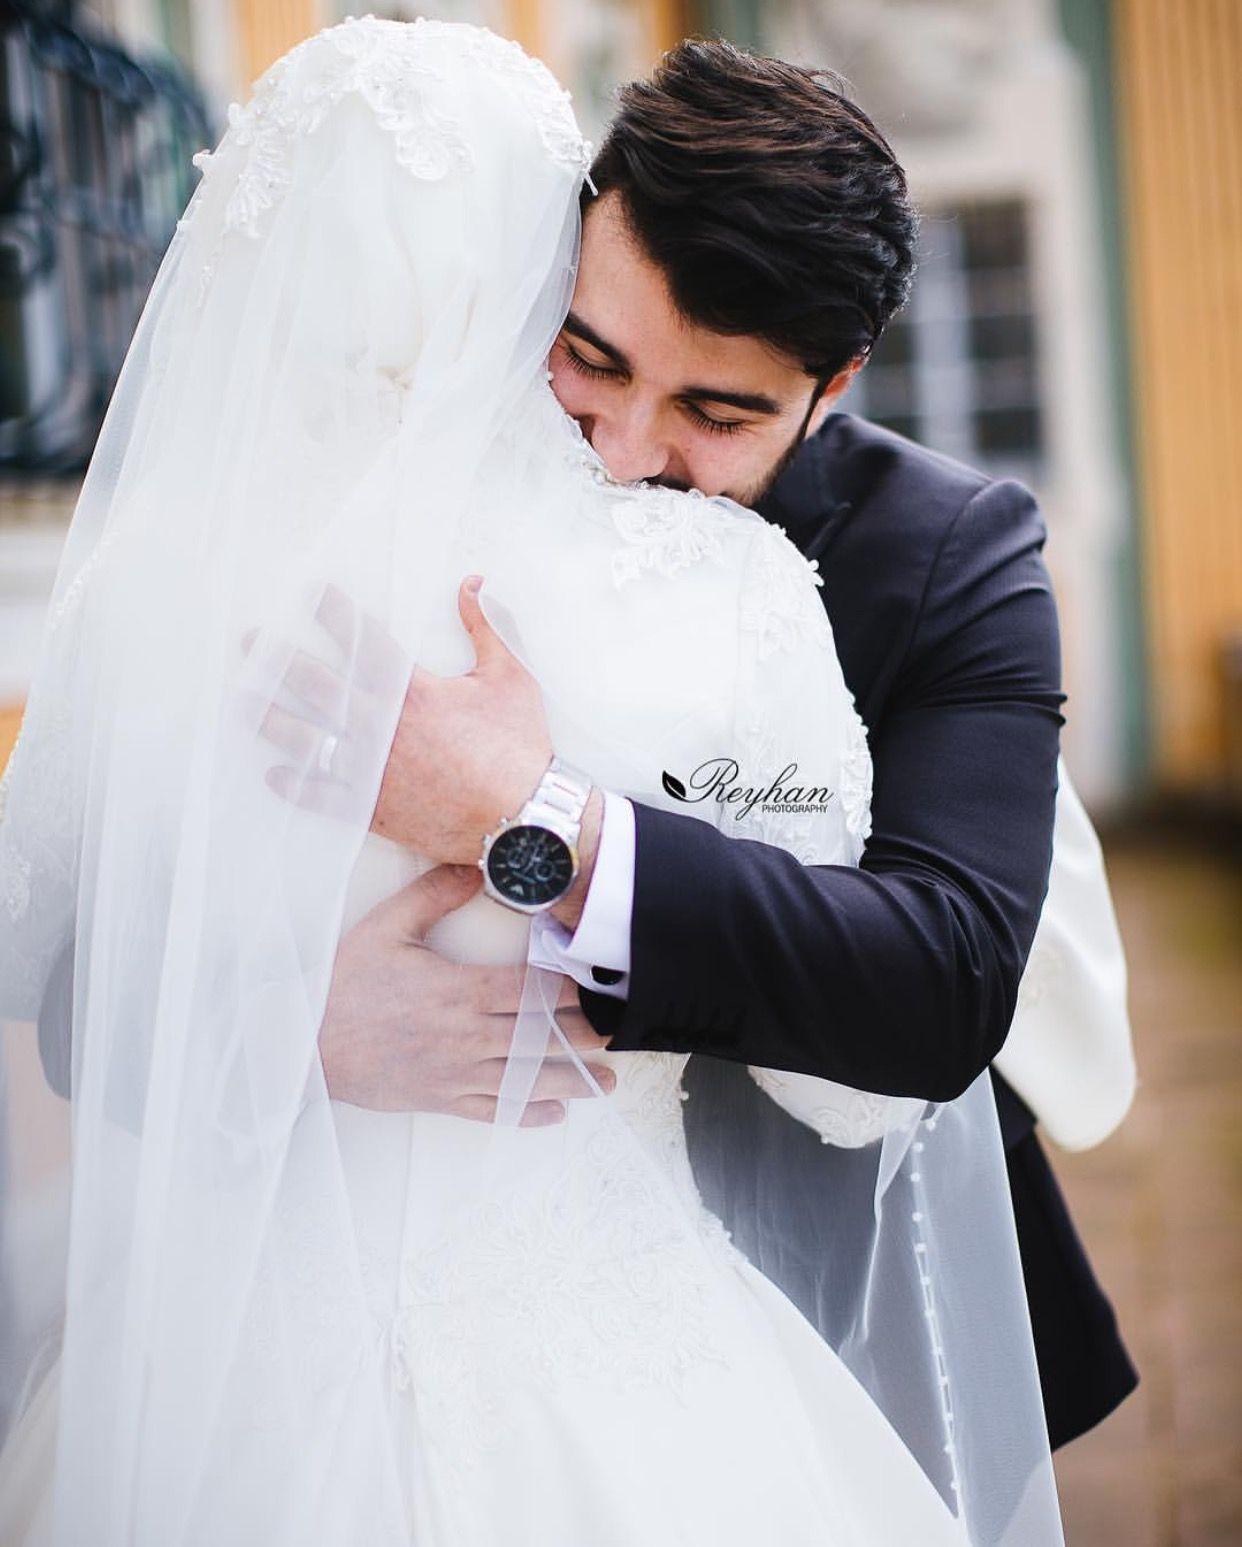 صورة خلفيات عروس , هذه هي اجمل خلفيات عروسه مكتوب عليها